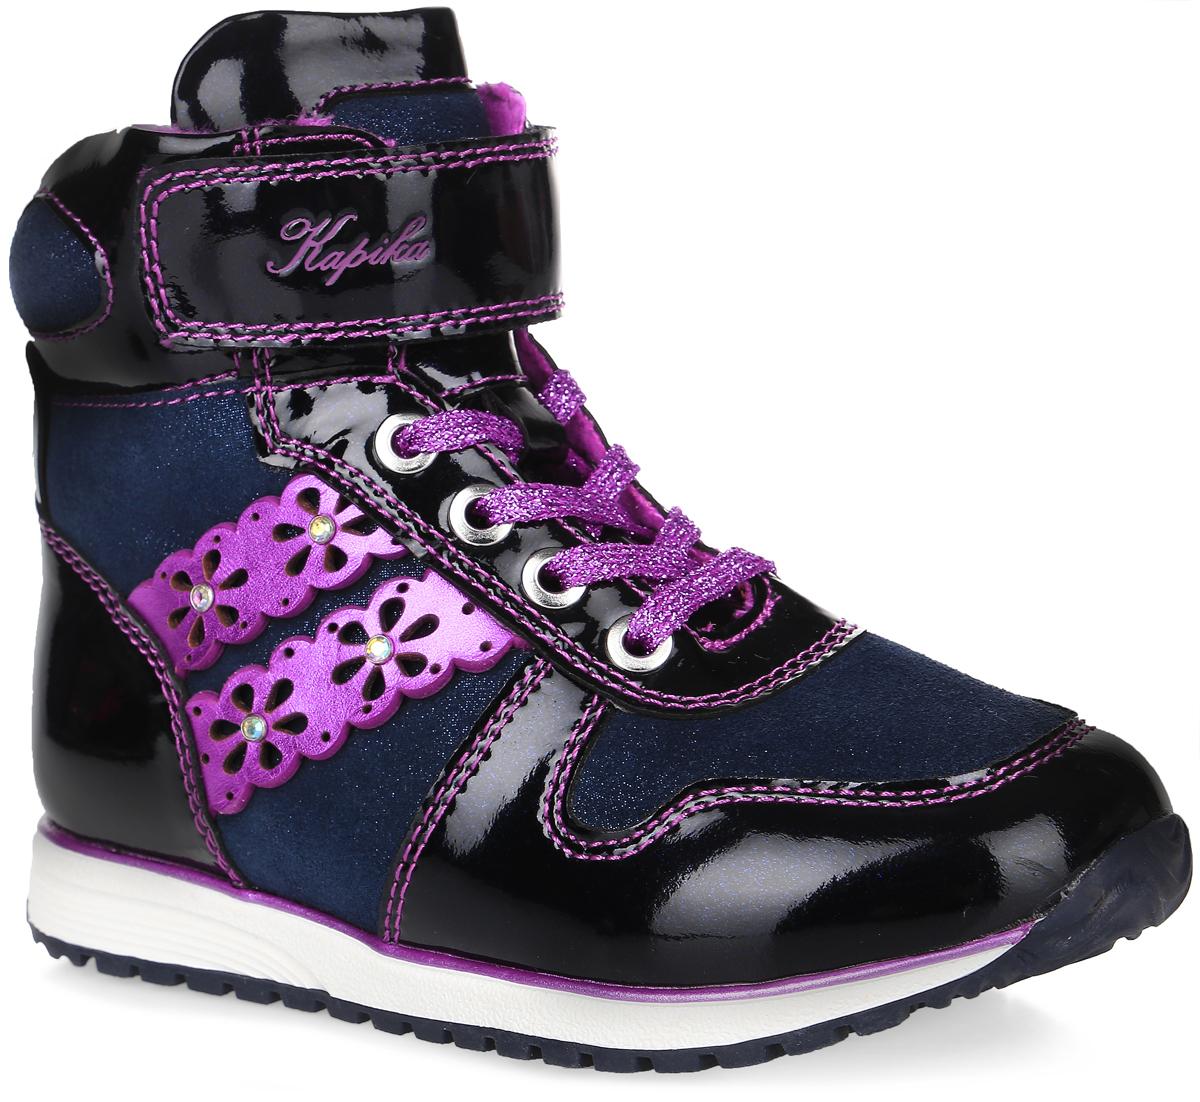 52229ук-1Стильные ботинки от Kapika заинтересуют вашу девочку с первого взгляда. Модель выполнена из натурального лака и искусственного спилока, оформленного блестками. Сбоку обувь декорирована ажурными полосками со стразами. Изделие на застежке-молнии, подъем дополнен шнуровкой и застежкой-липучкой, что способствует надежной фиксации на ноге. Подкладка, изготовленная из текстиля, сохраняет комфортный микроклимат в обуви, эффективно поглощает влагу, вибрации и неприятные запахи, снижает ударную нагрузку. Подошва оснащена рифлением для лучшей сцепки с поверхностью. Чудесные ботинки займут достойное место в гардеробе вашего ребенка.